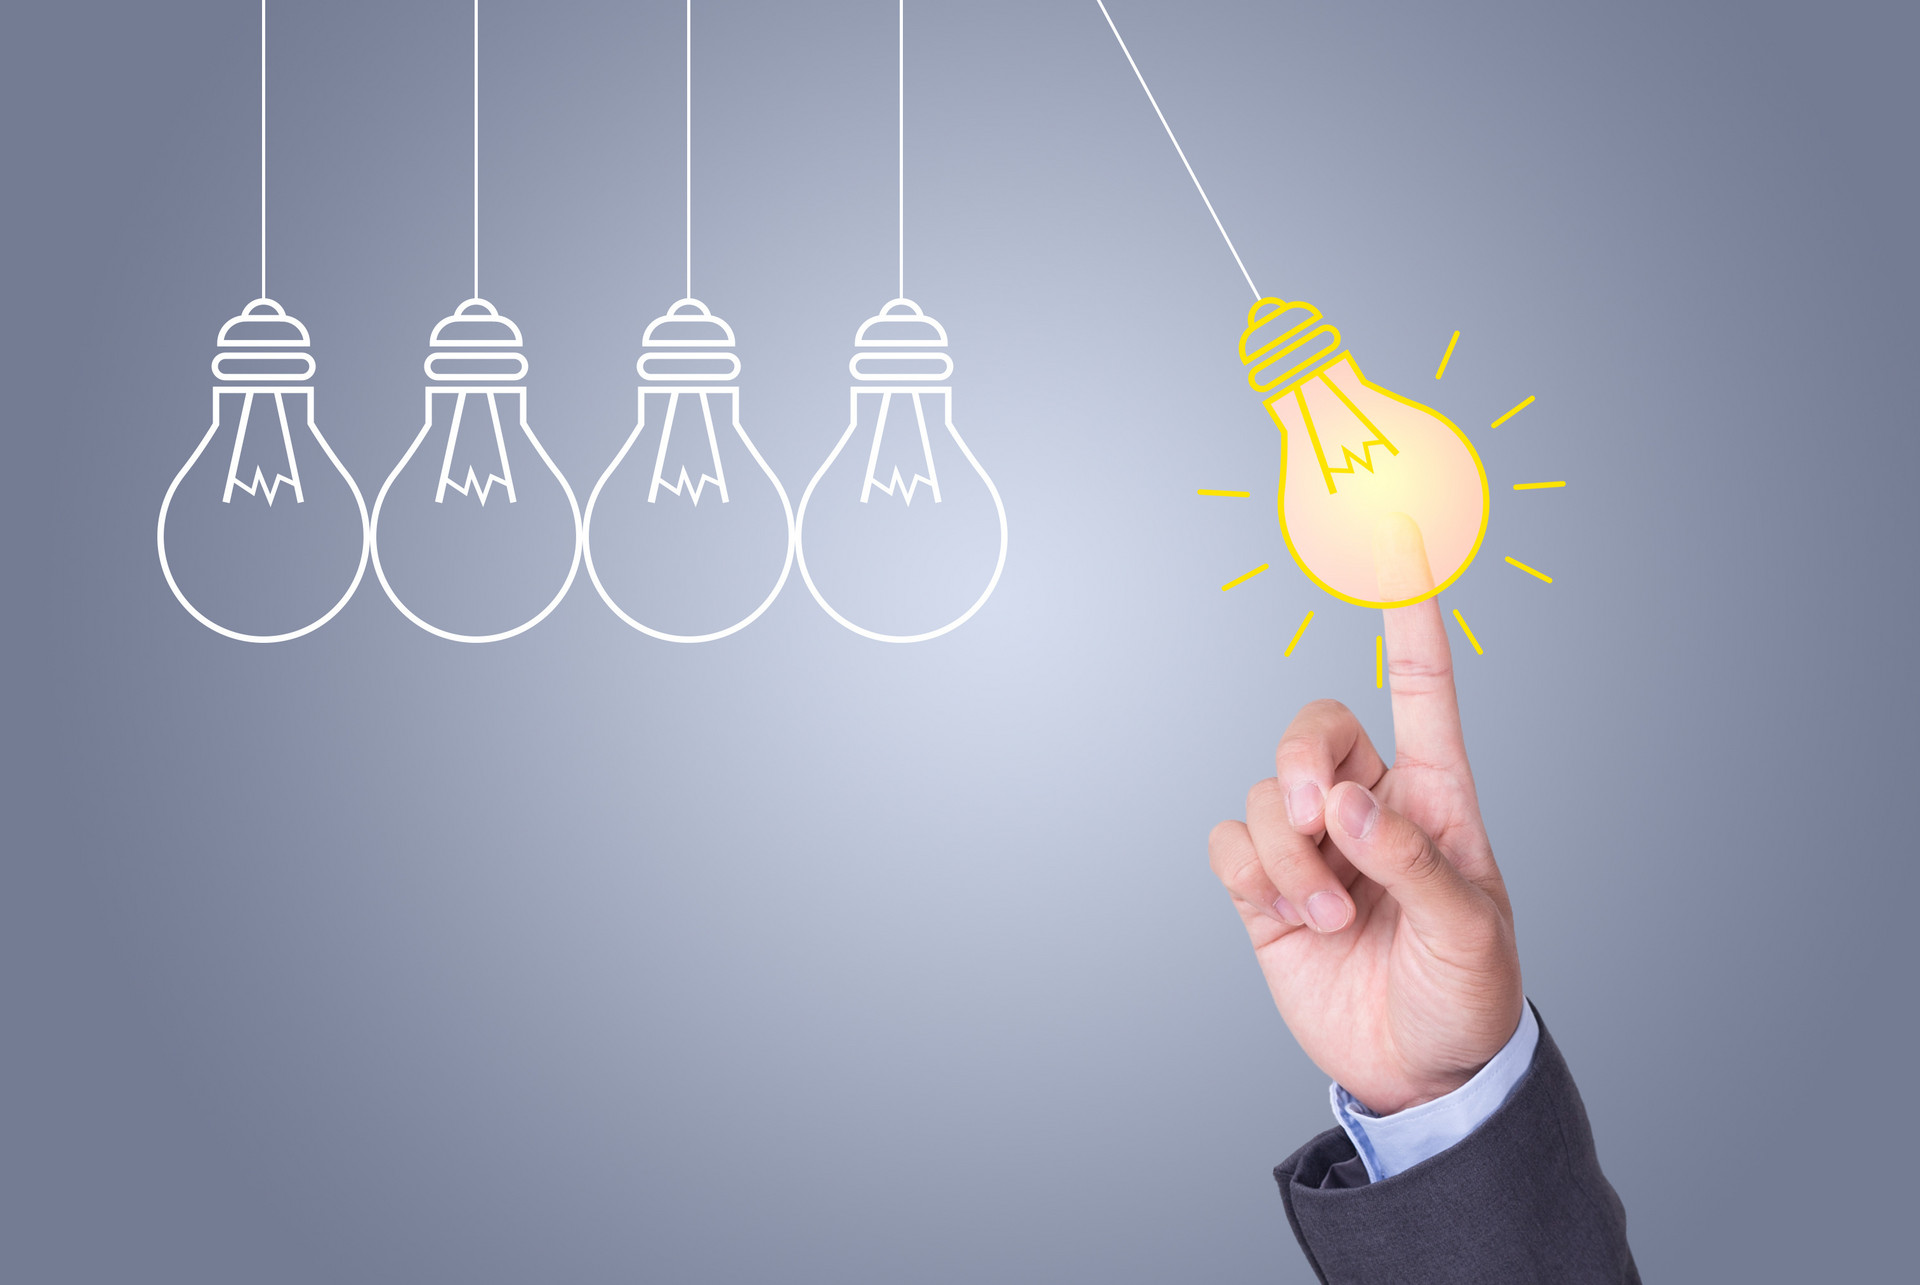 选择社保代理企业必须注意哪些点